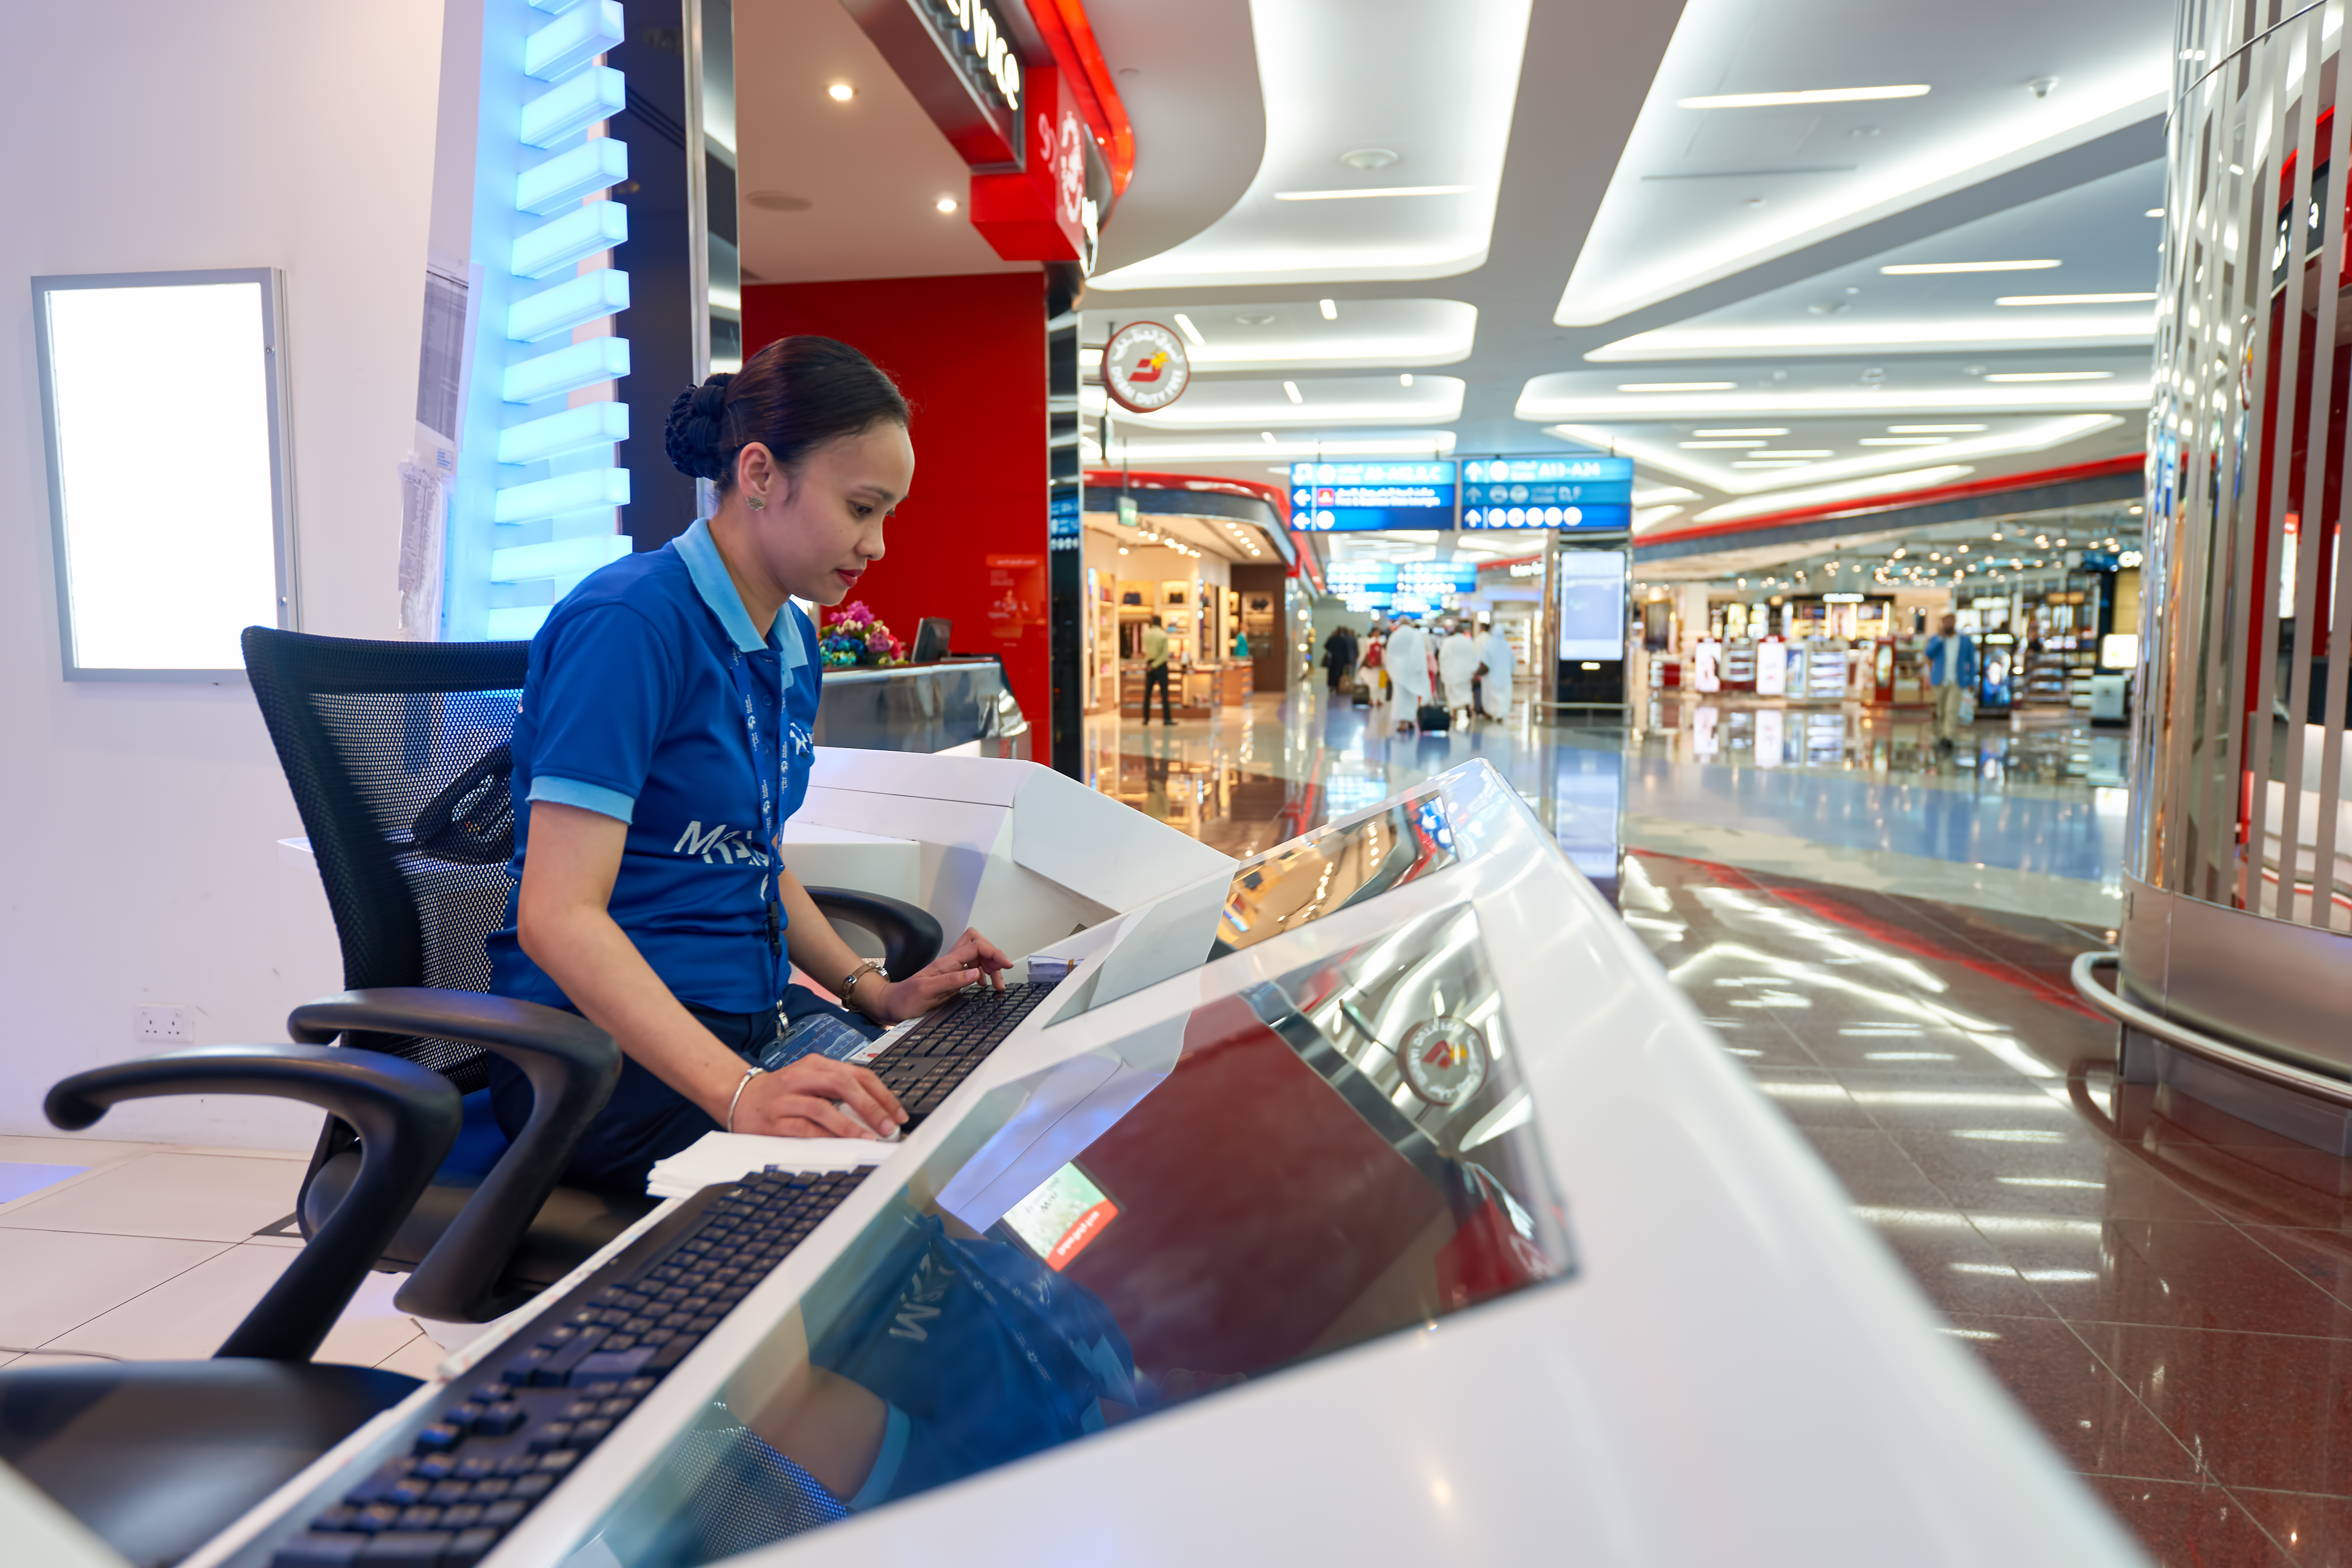 Dubajské letiště je jedno z nejmodernějších a také provozně nejdražších letišť na světě. Jeho nejnovější hala stála přibližně miliardu dolarů.